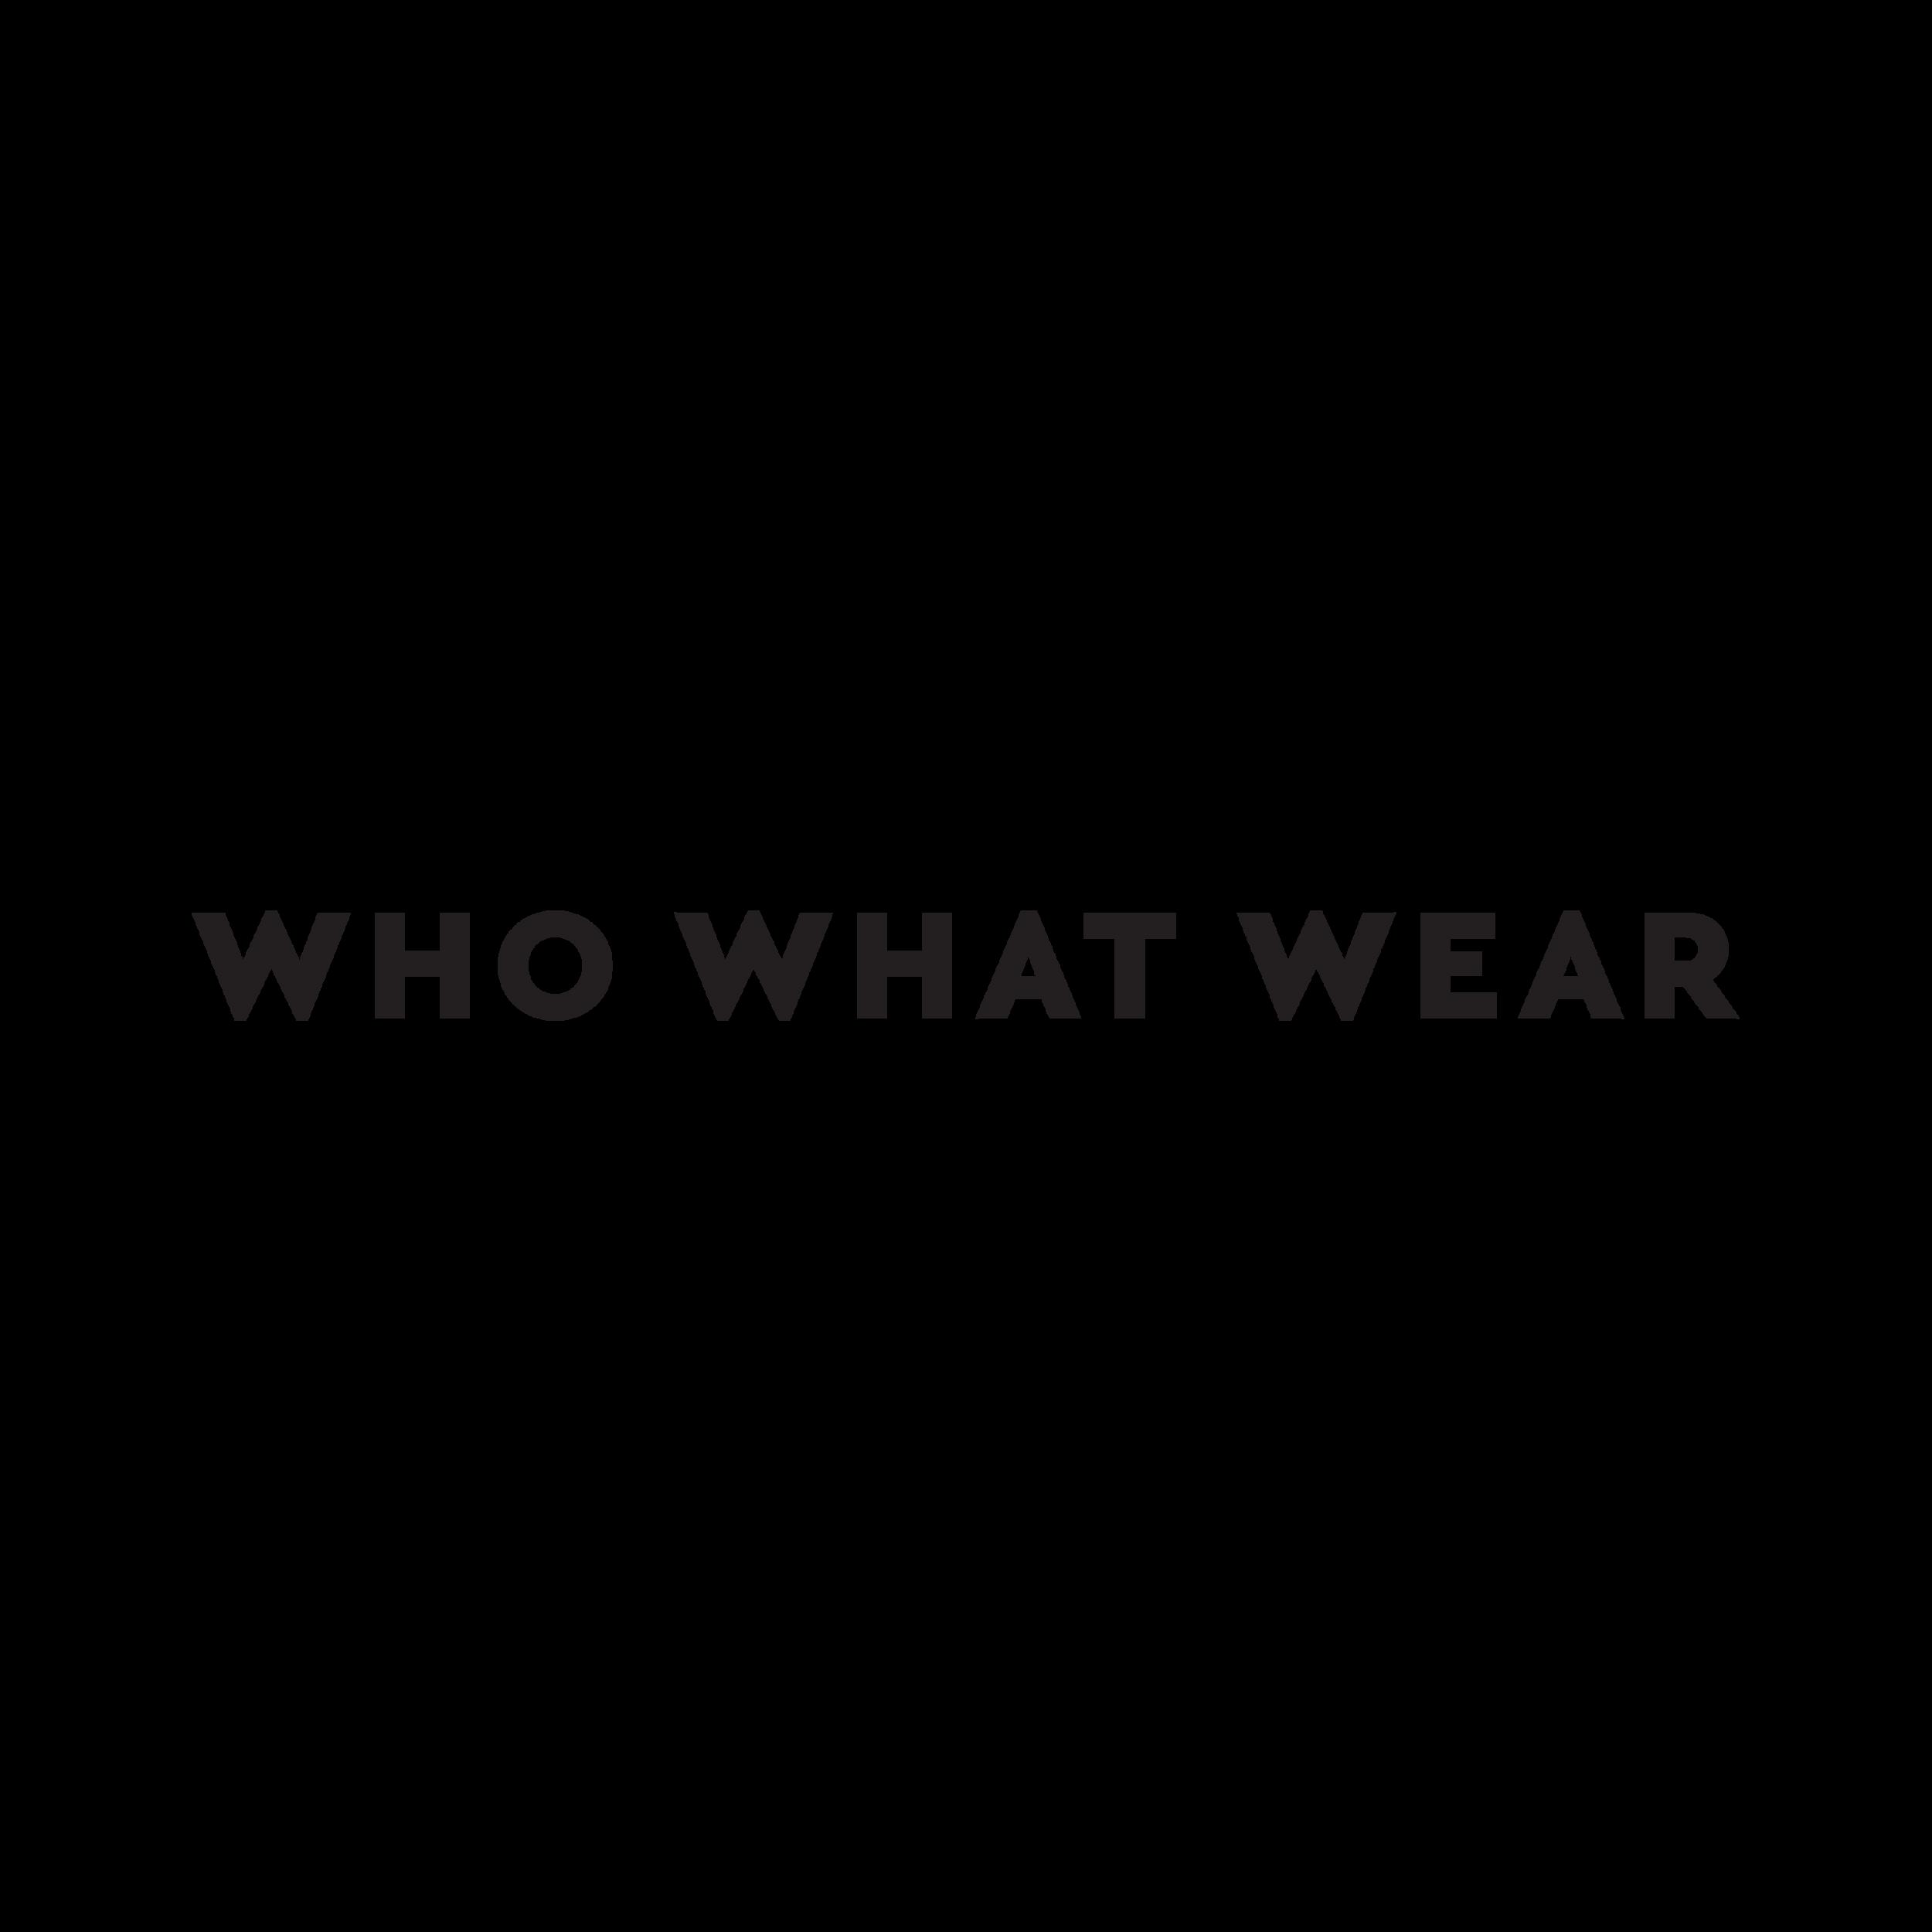 www-logo-black-on-transparent.png